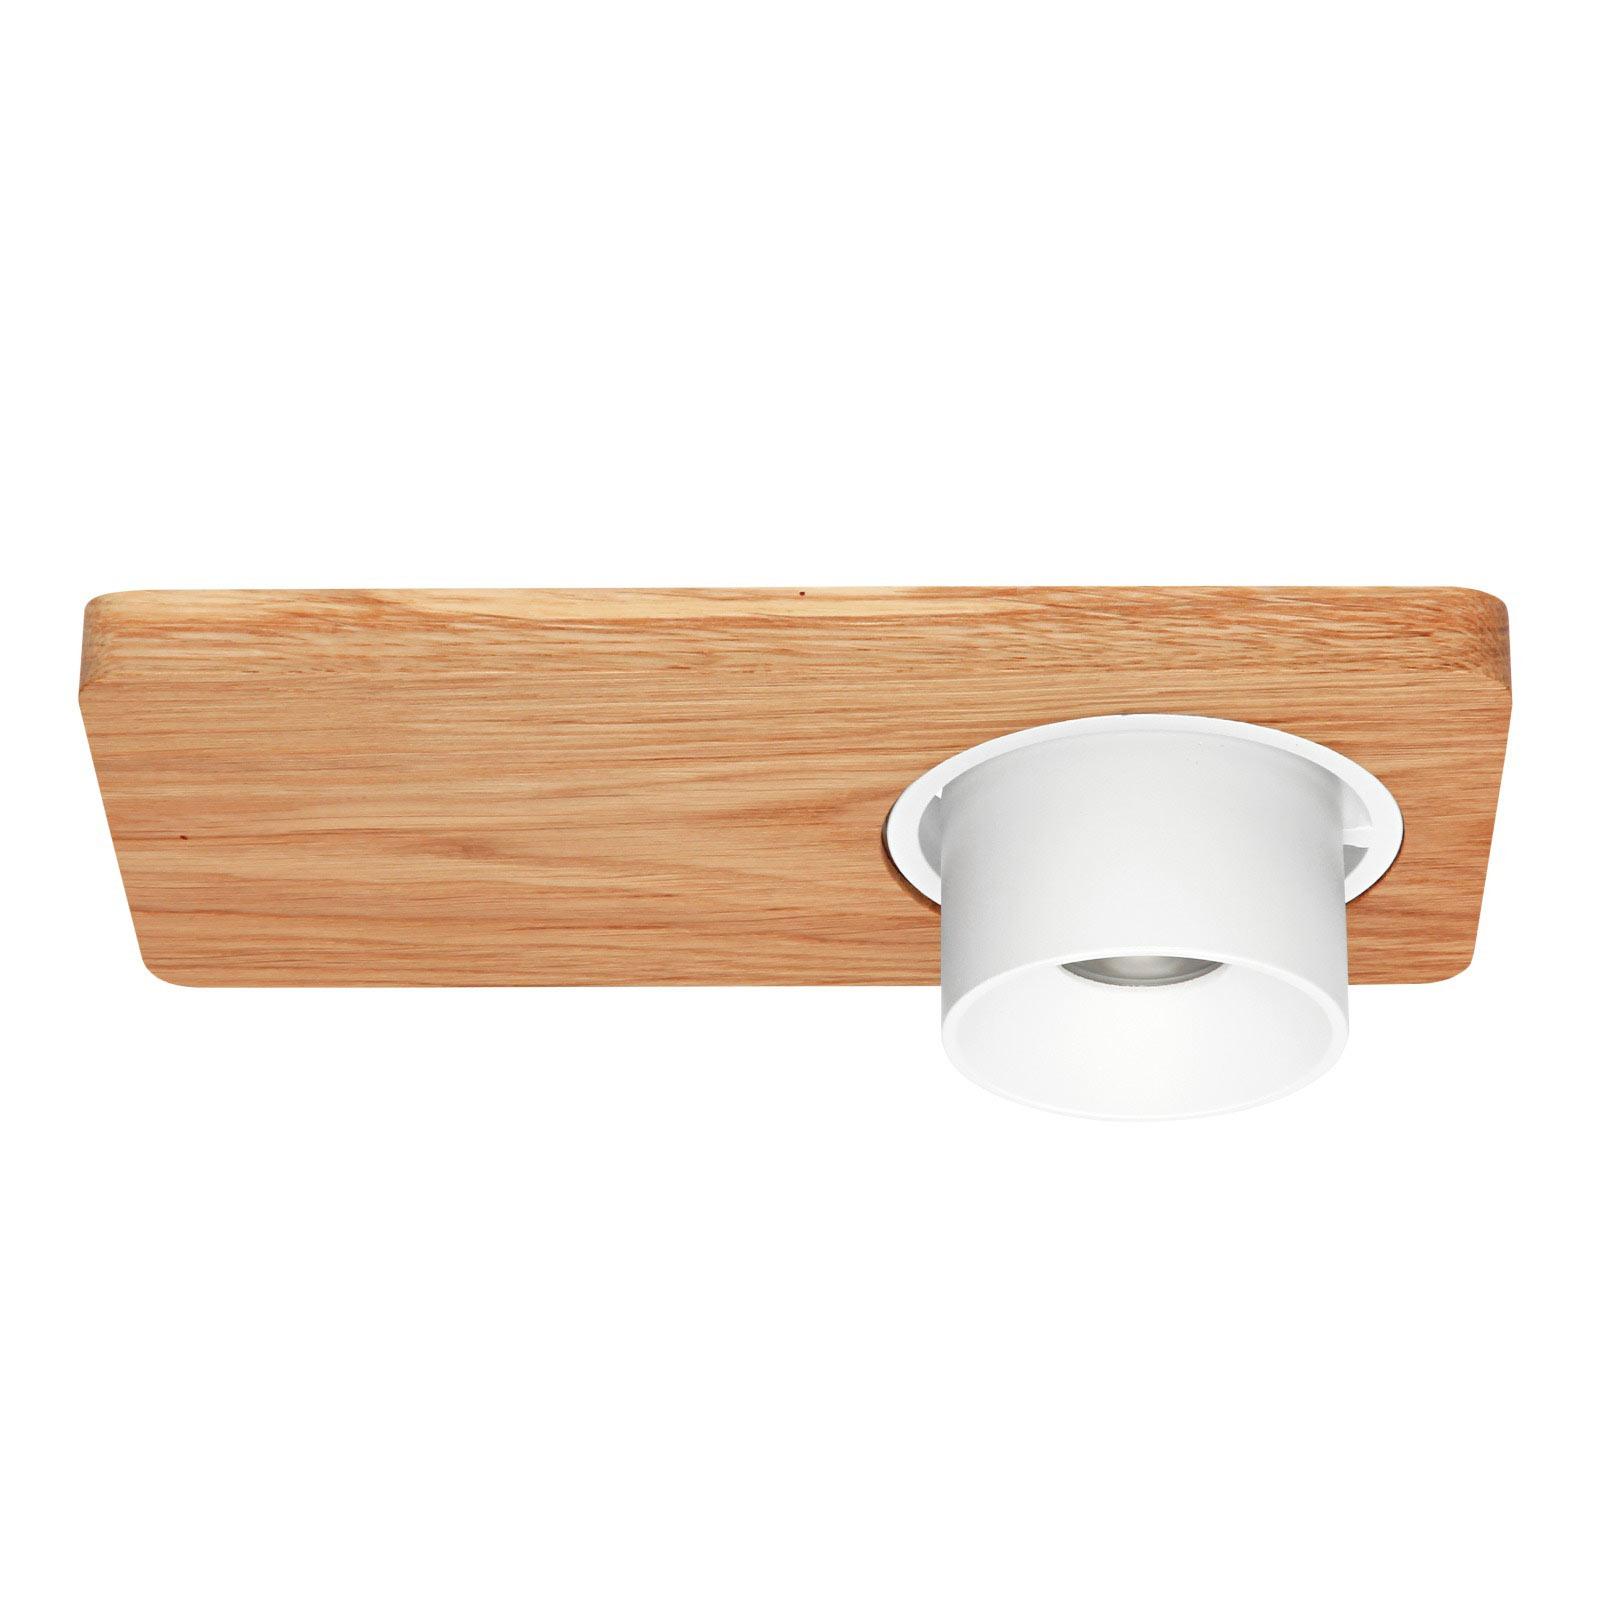 Beebo S LED-taklampe, lys eik